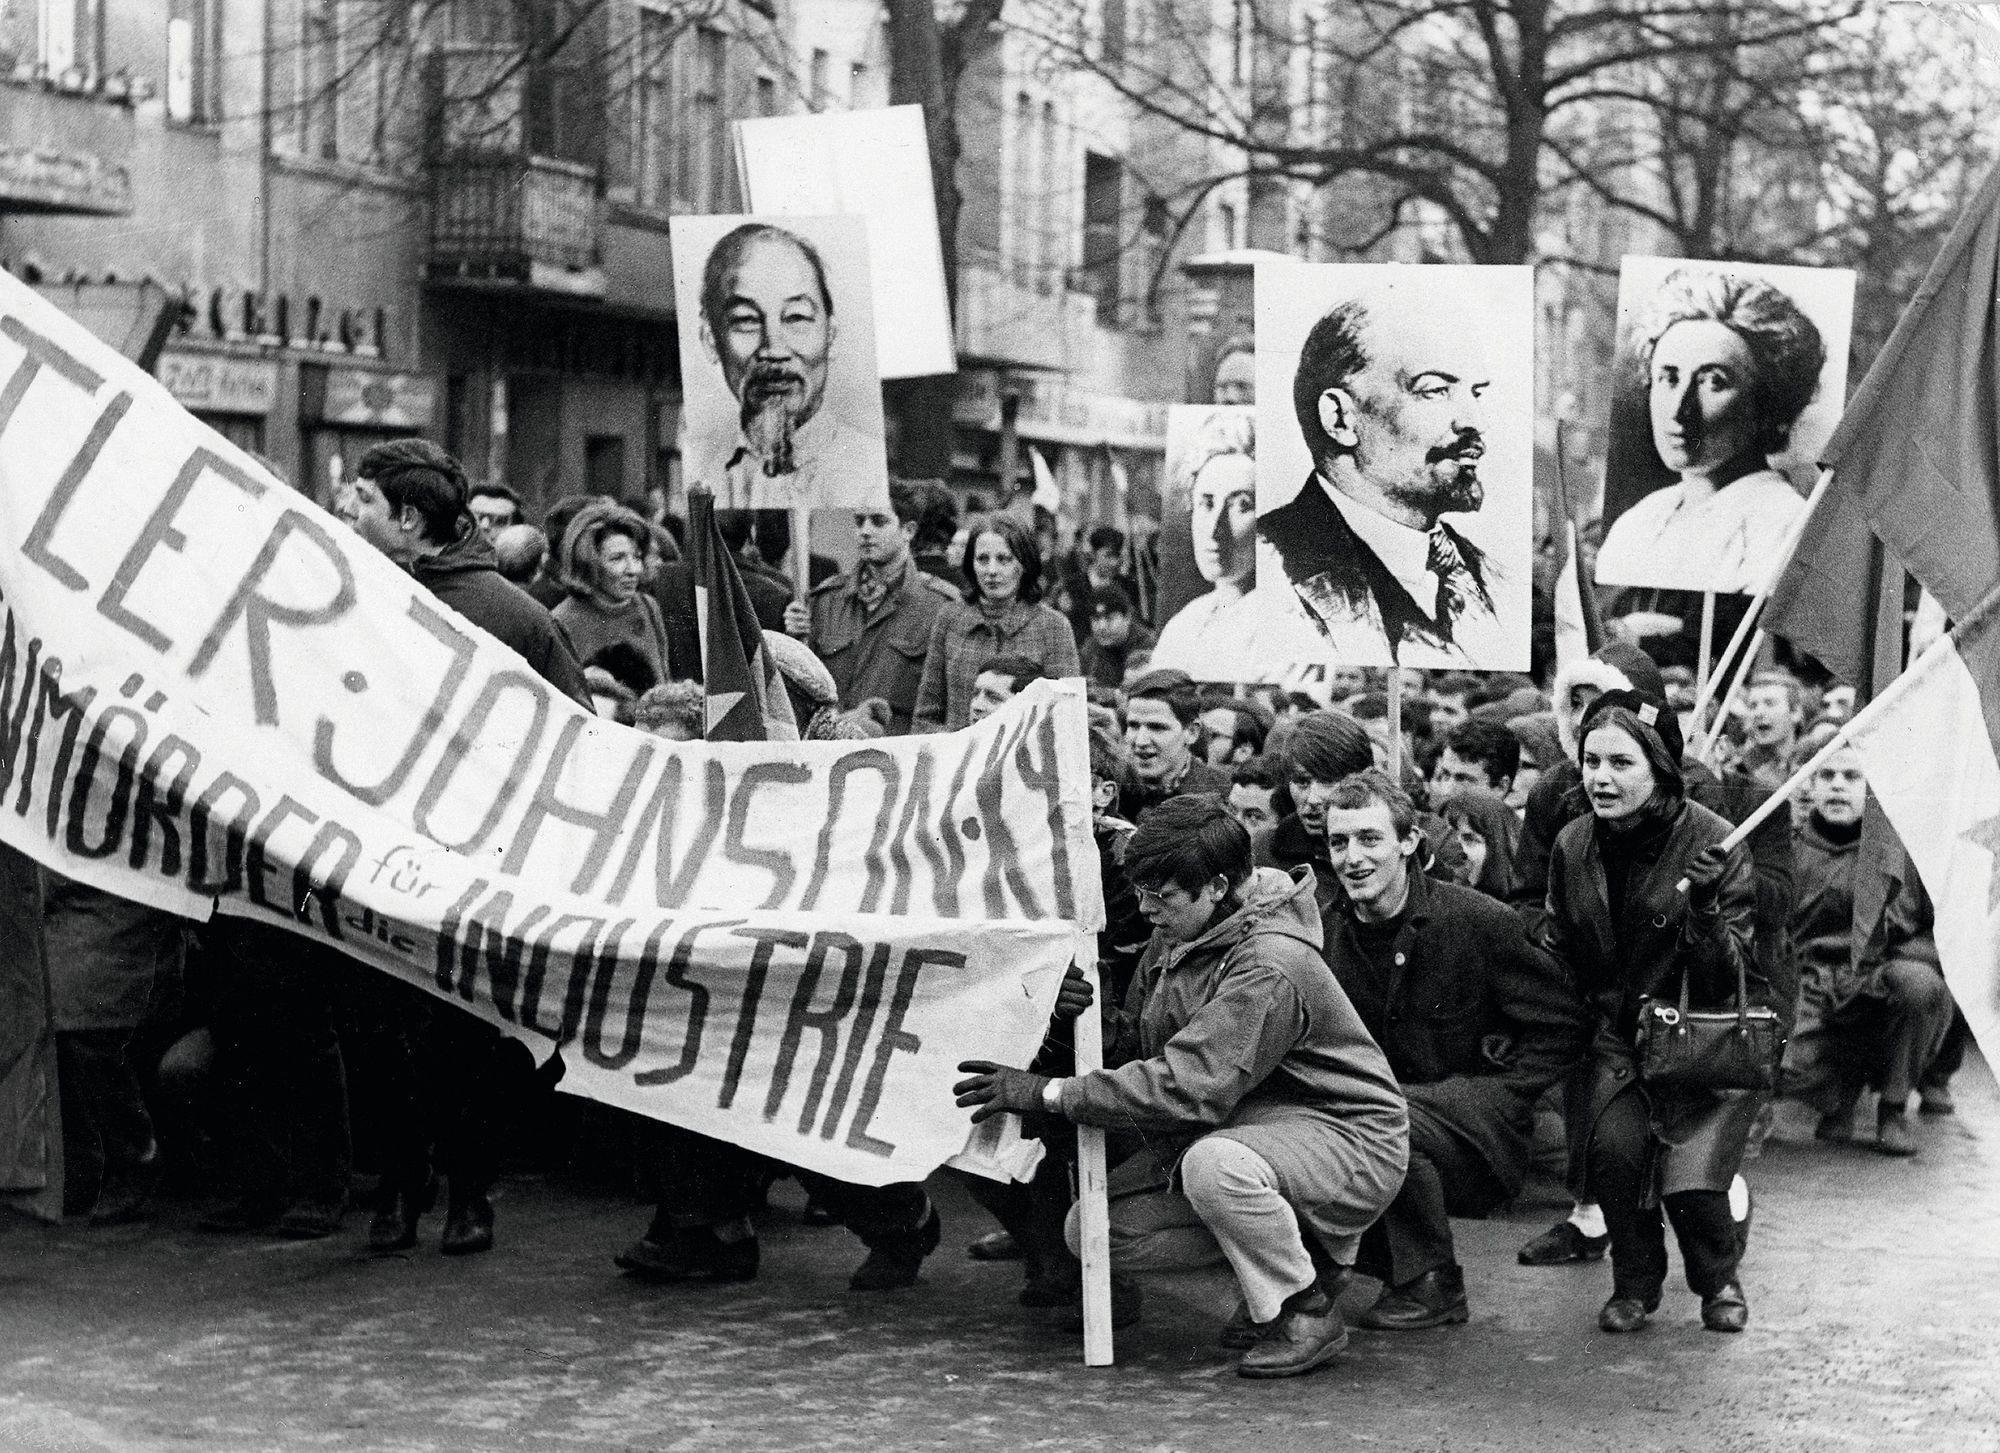 Manifestation à Berlin-Ouest, février 1968, photographie